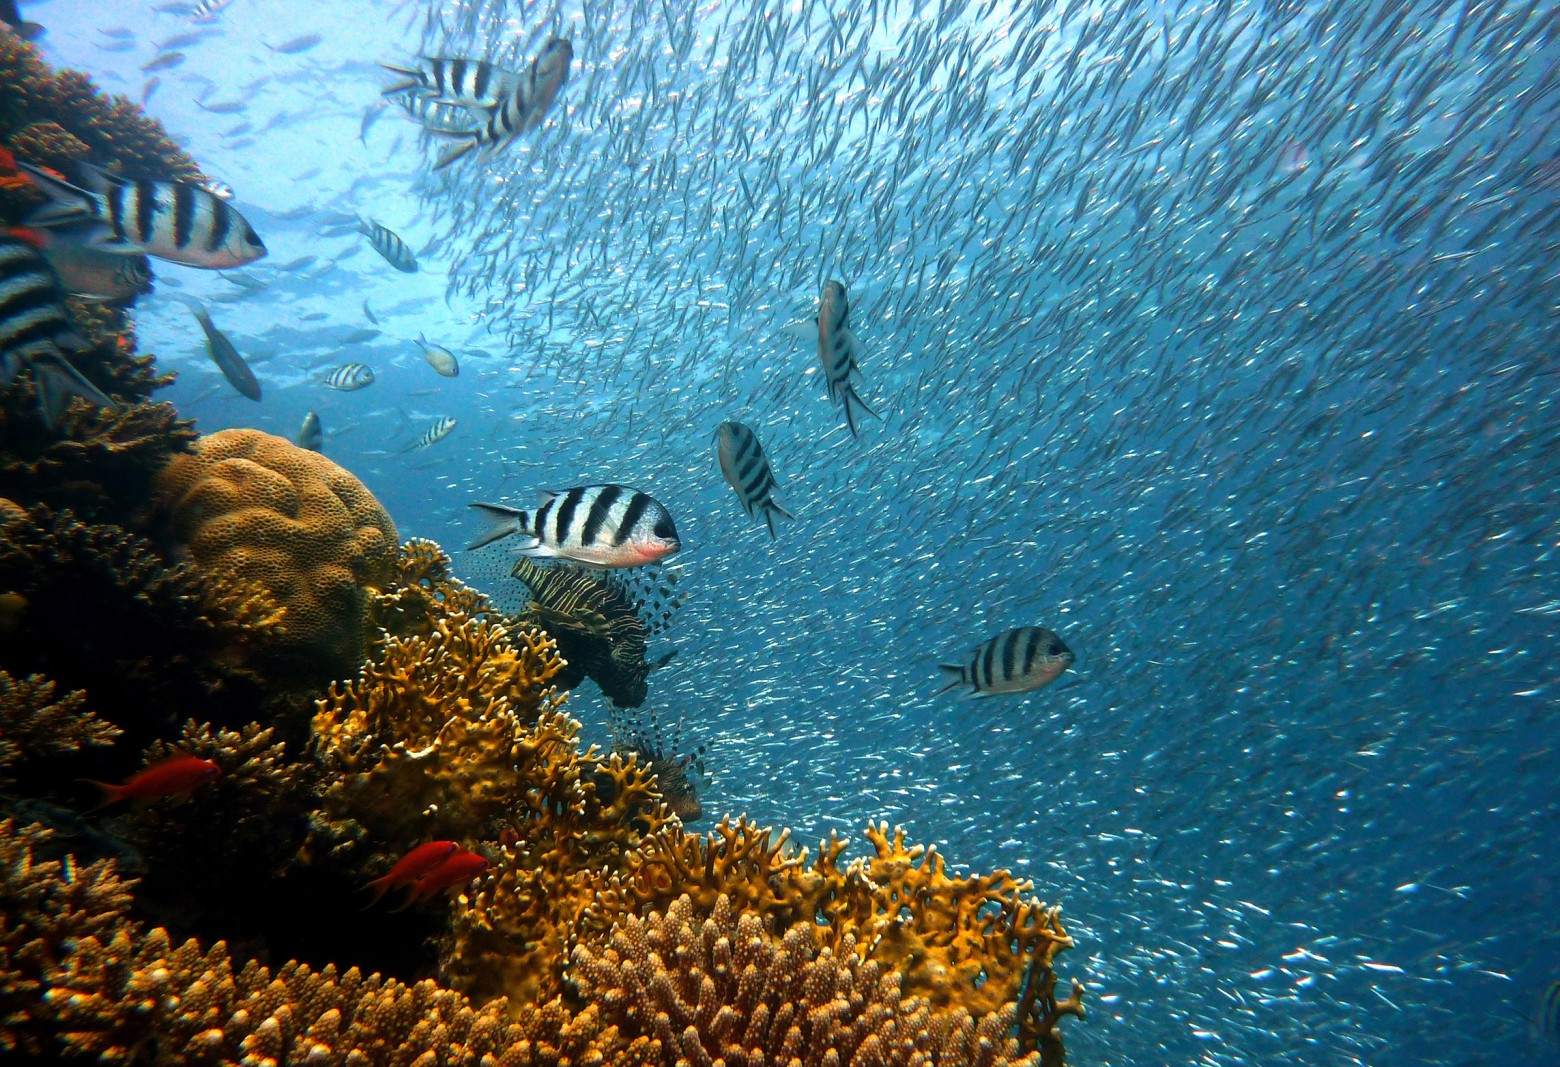 poissons exotiques d eau douce images photos gratuites images gratuites et libres de droits